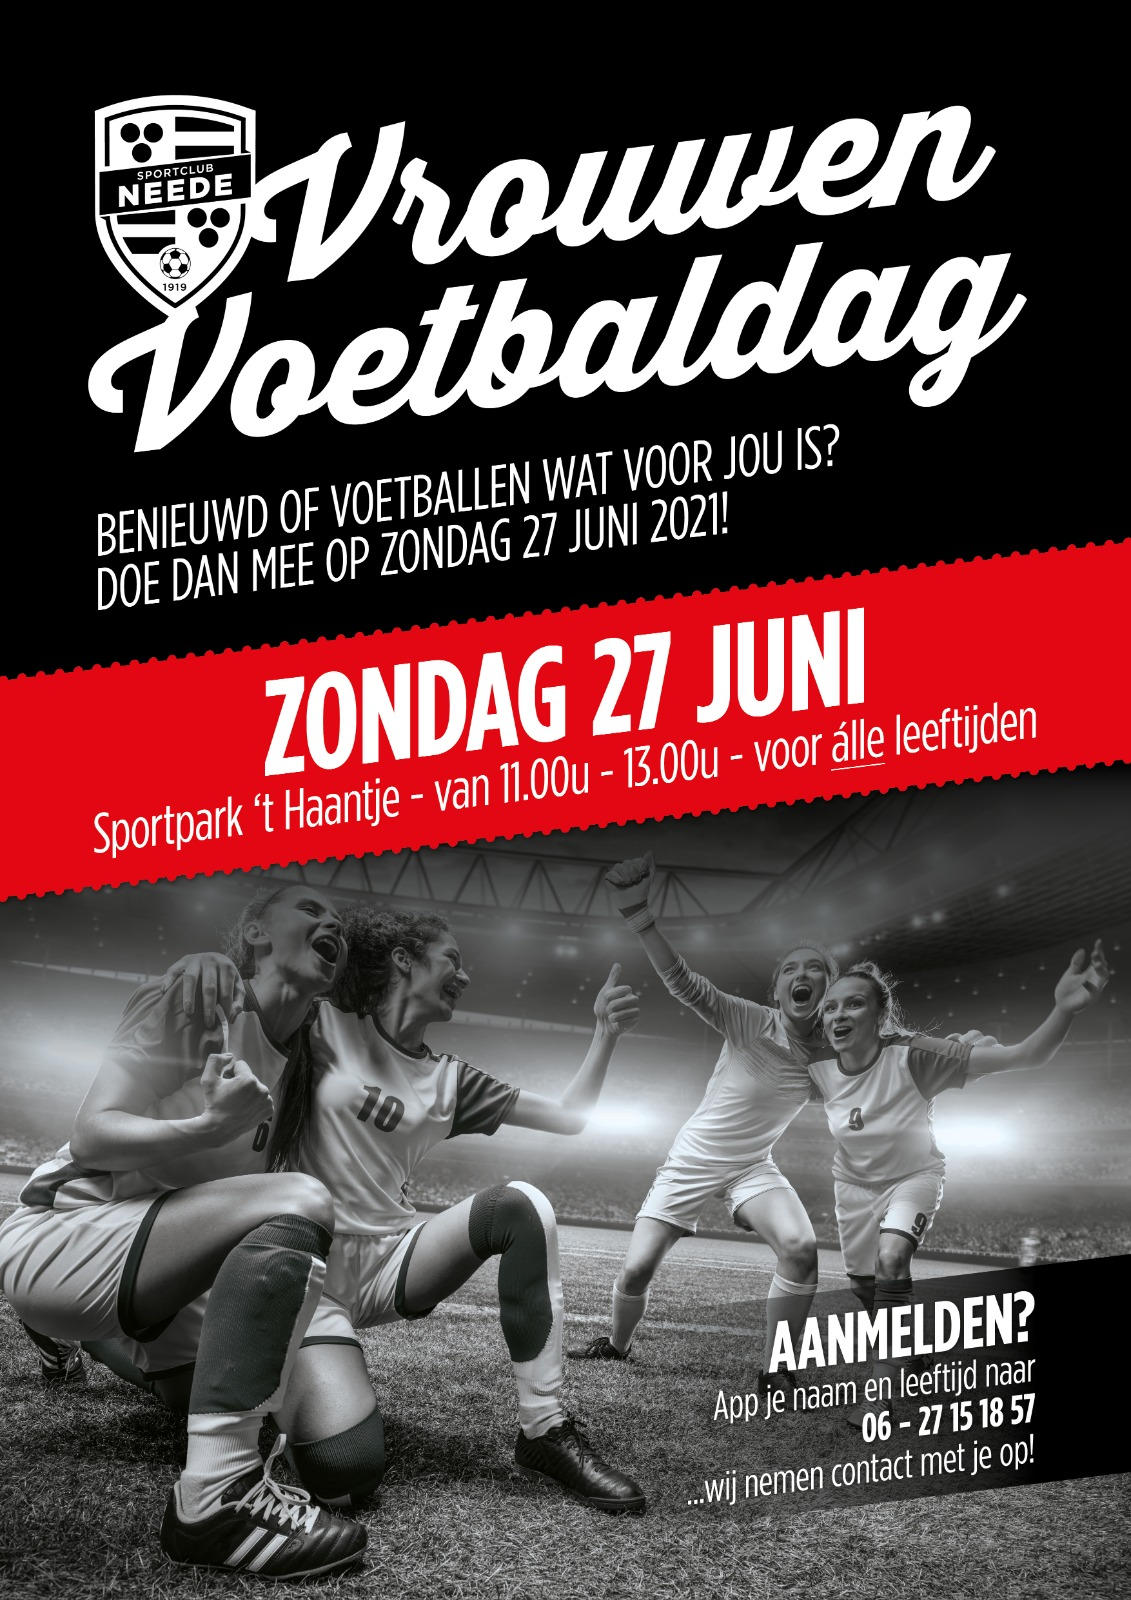 Vrouwen voetbaldag